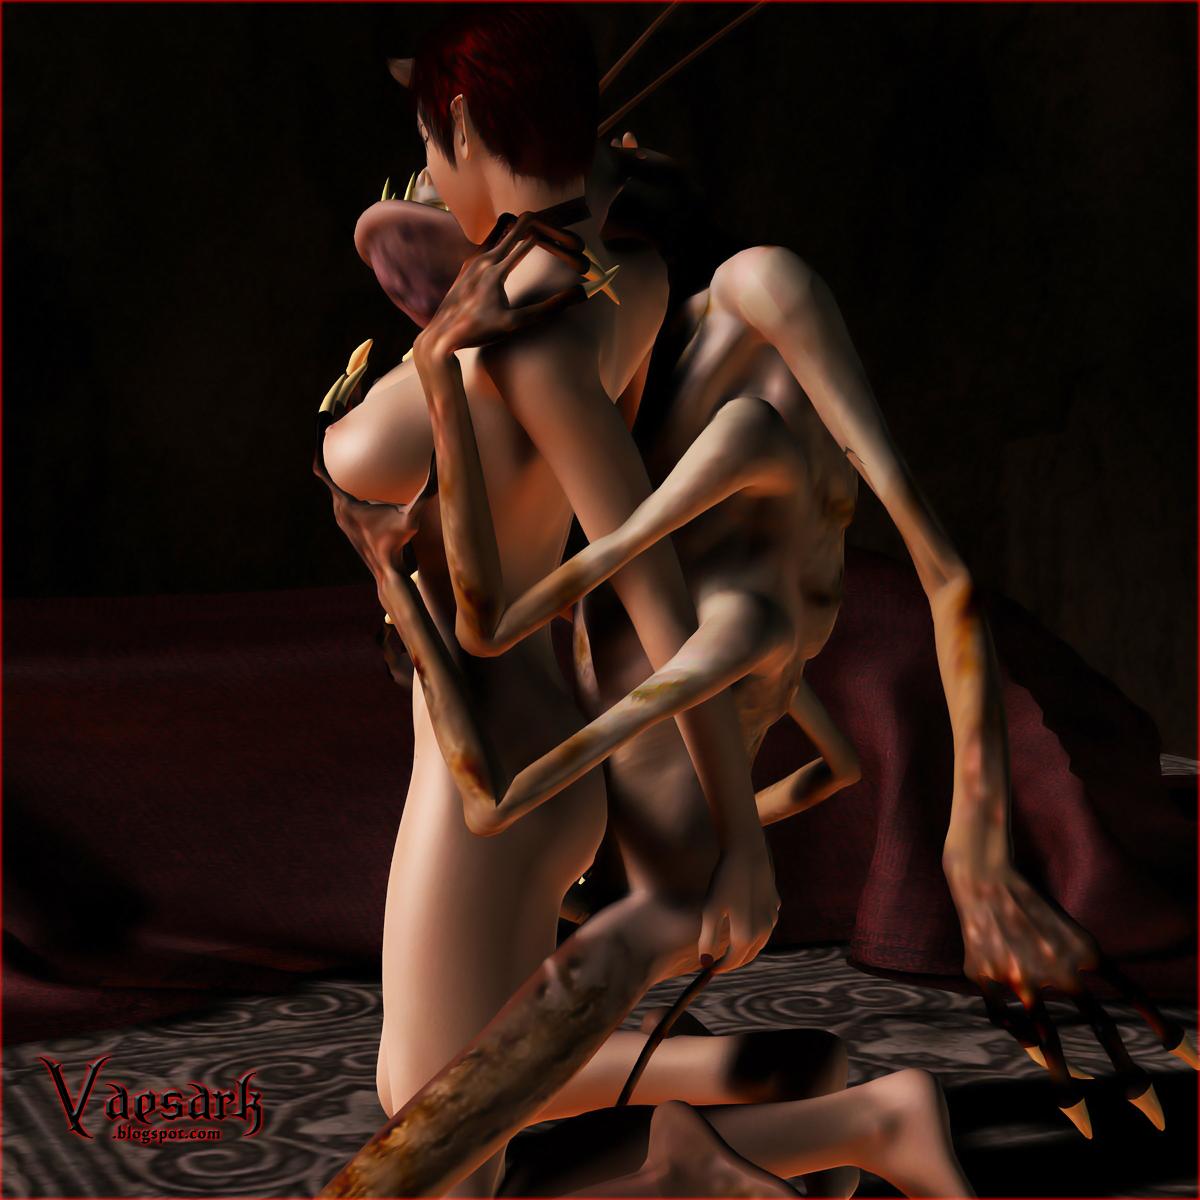 3d porno succubus aliens monsters elfs erotic scenes